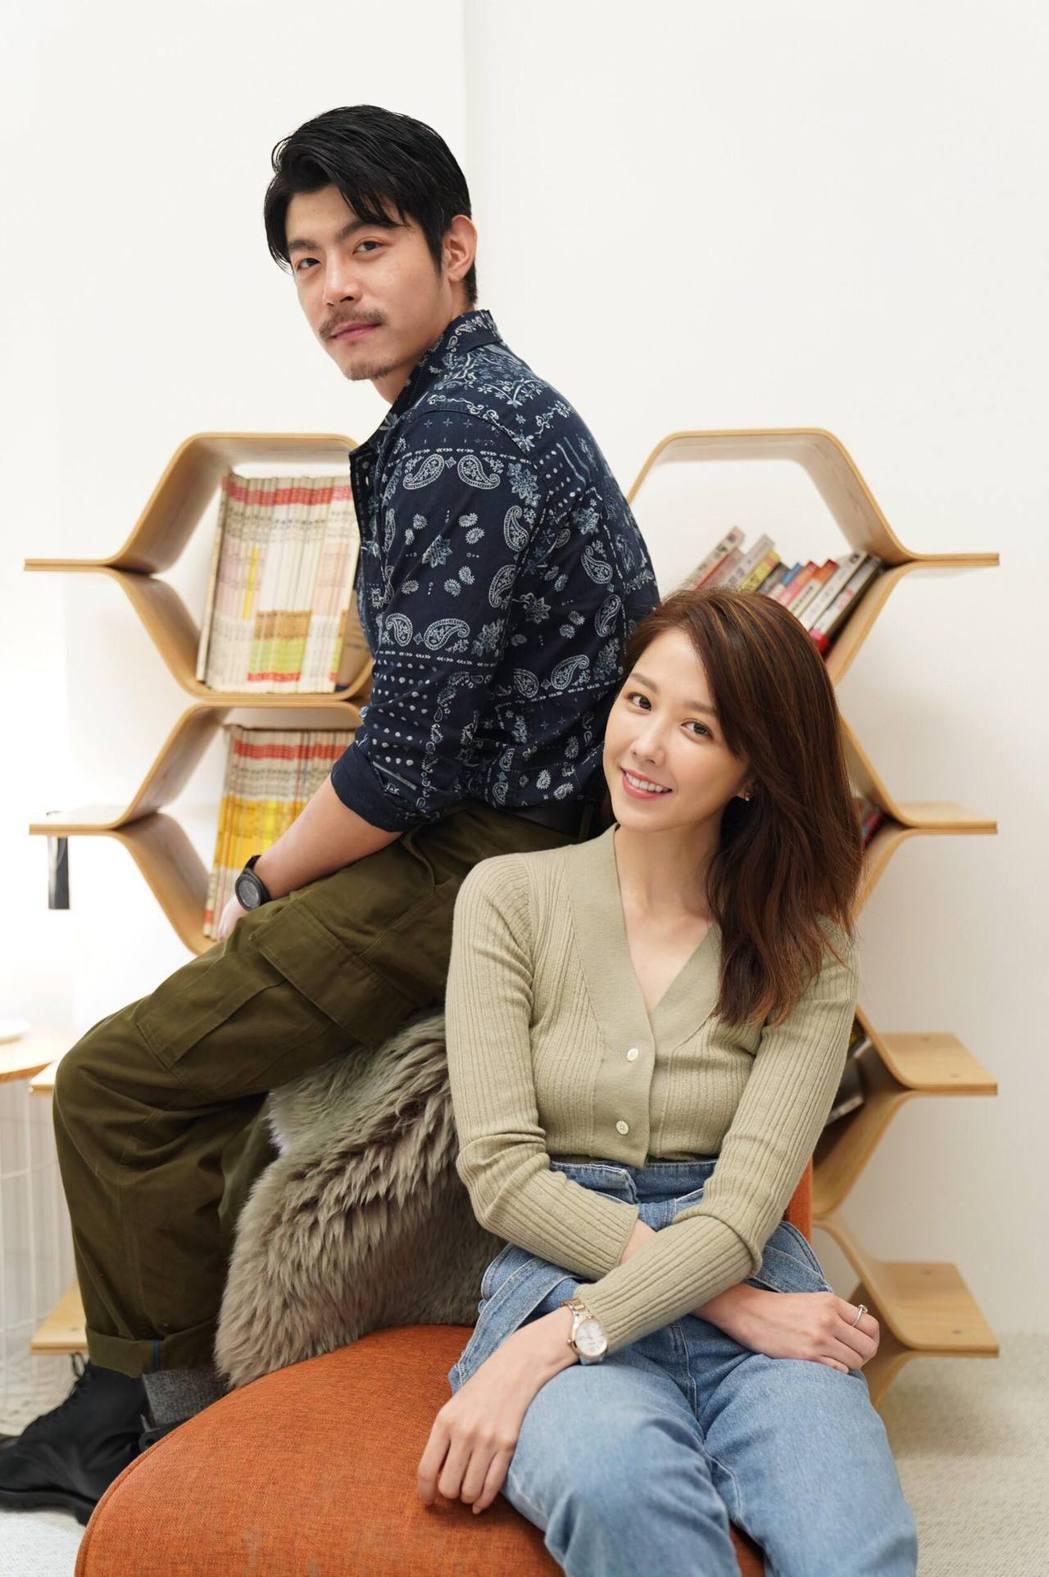 王柏傑(左)、邵雨薇主演「比悲傷更悲傷的故事」影集,戲中2人分飾唱片公司主管、部...